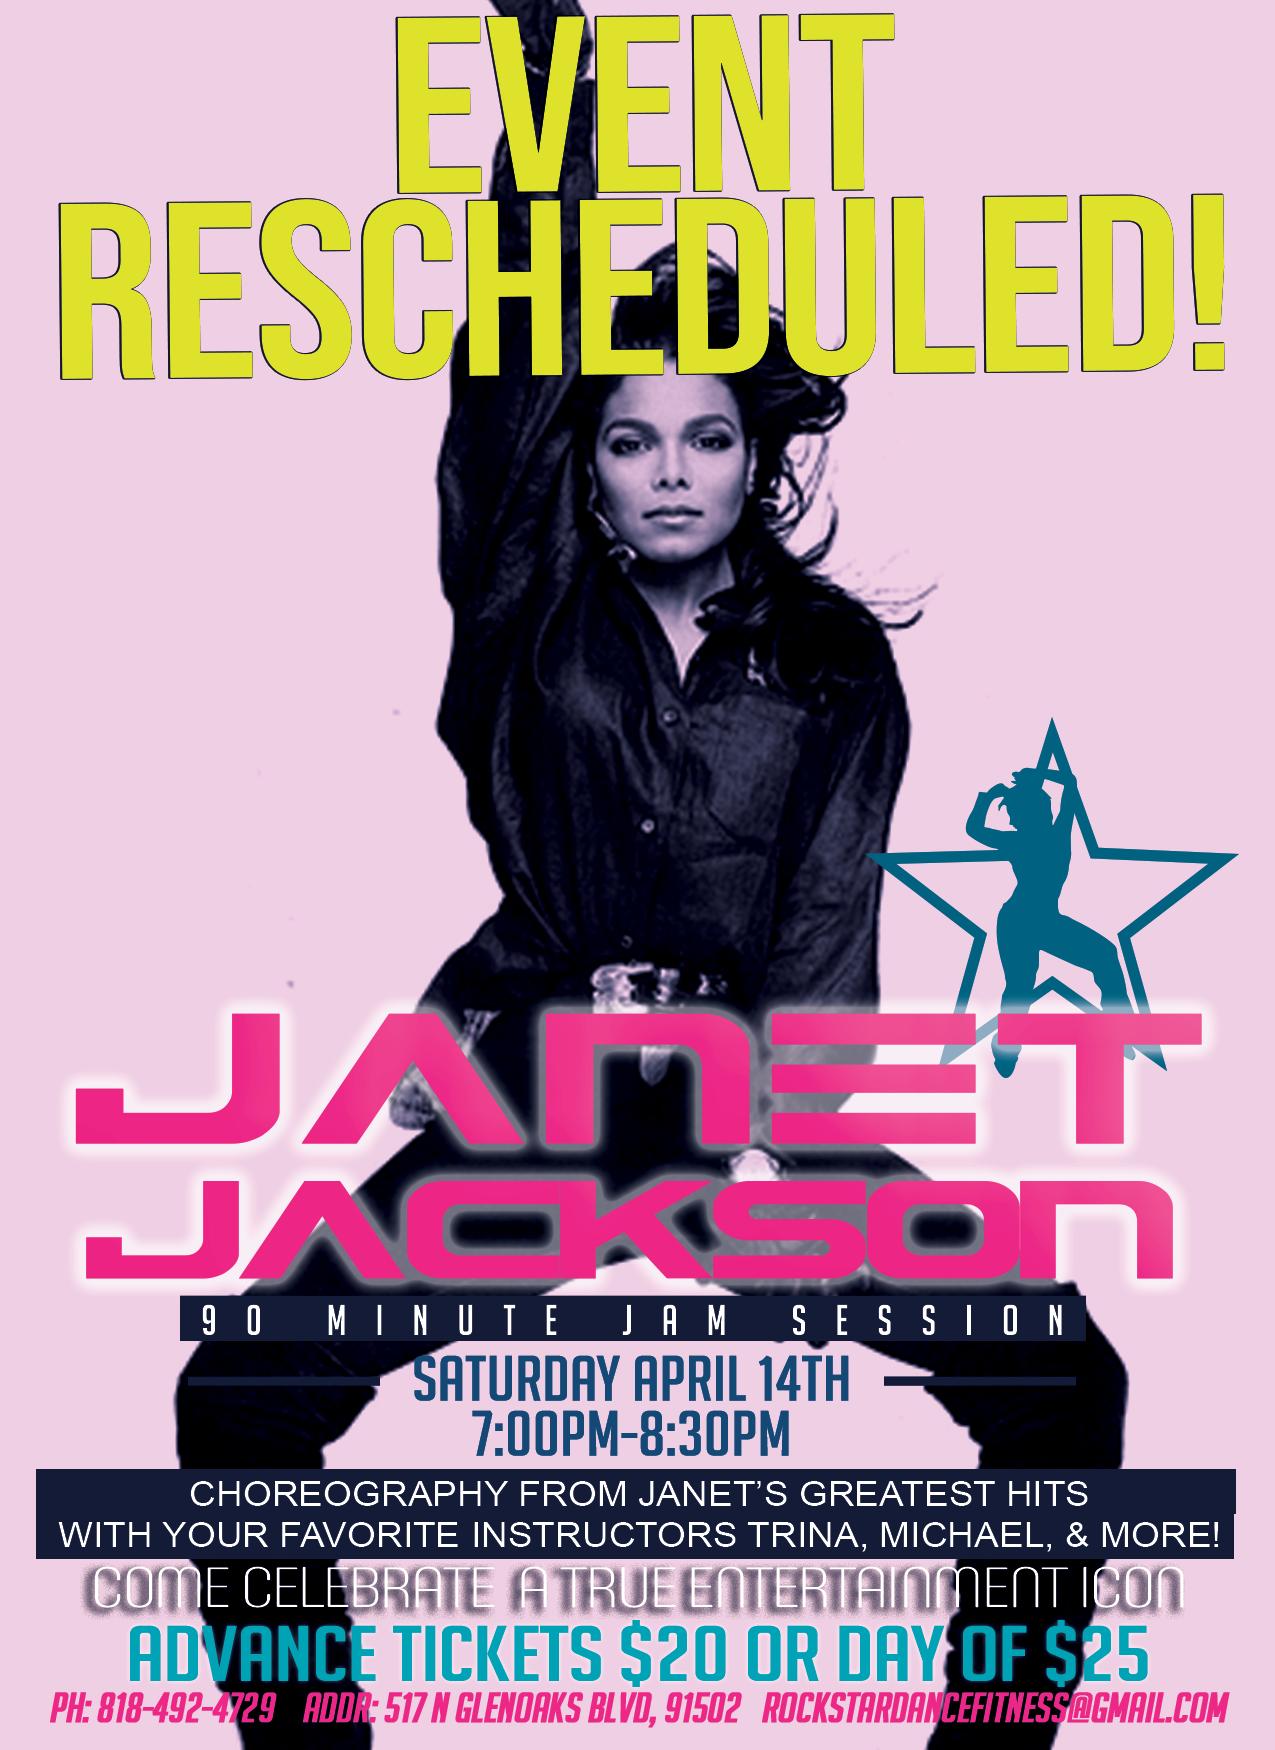 Janet Jackson FlyerReschedule3